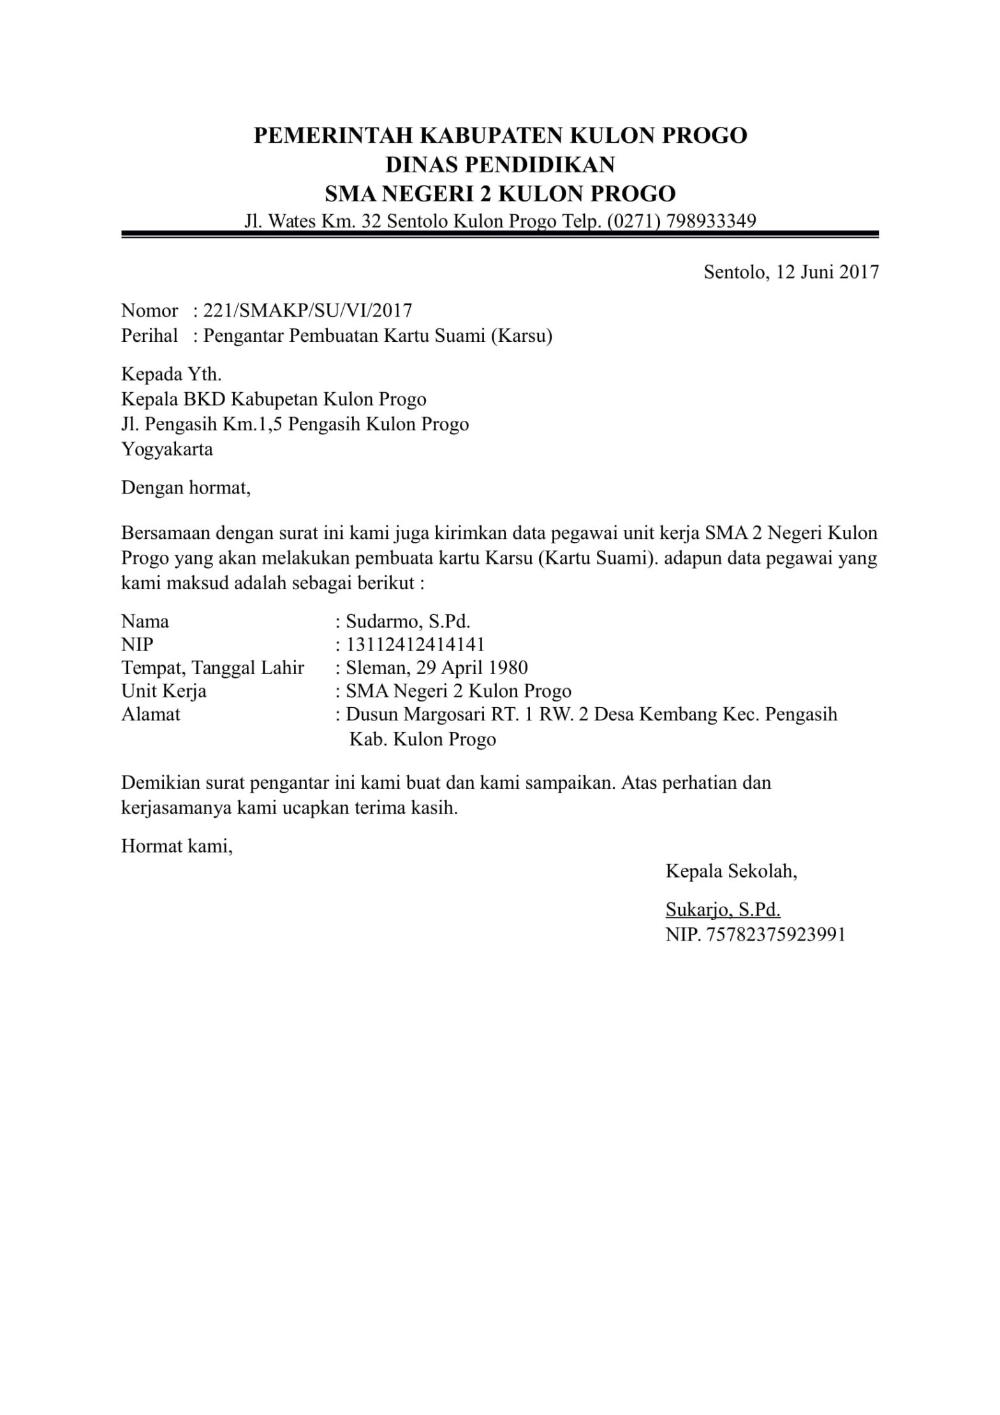 Download Contoh Surat Pengantar Dari Kepala Sekolah Untuk Berbagai Urusan Kepala Sekolah Sekolah Surat